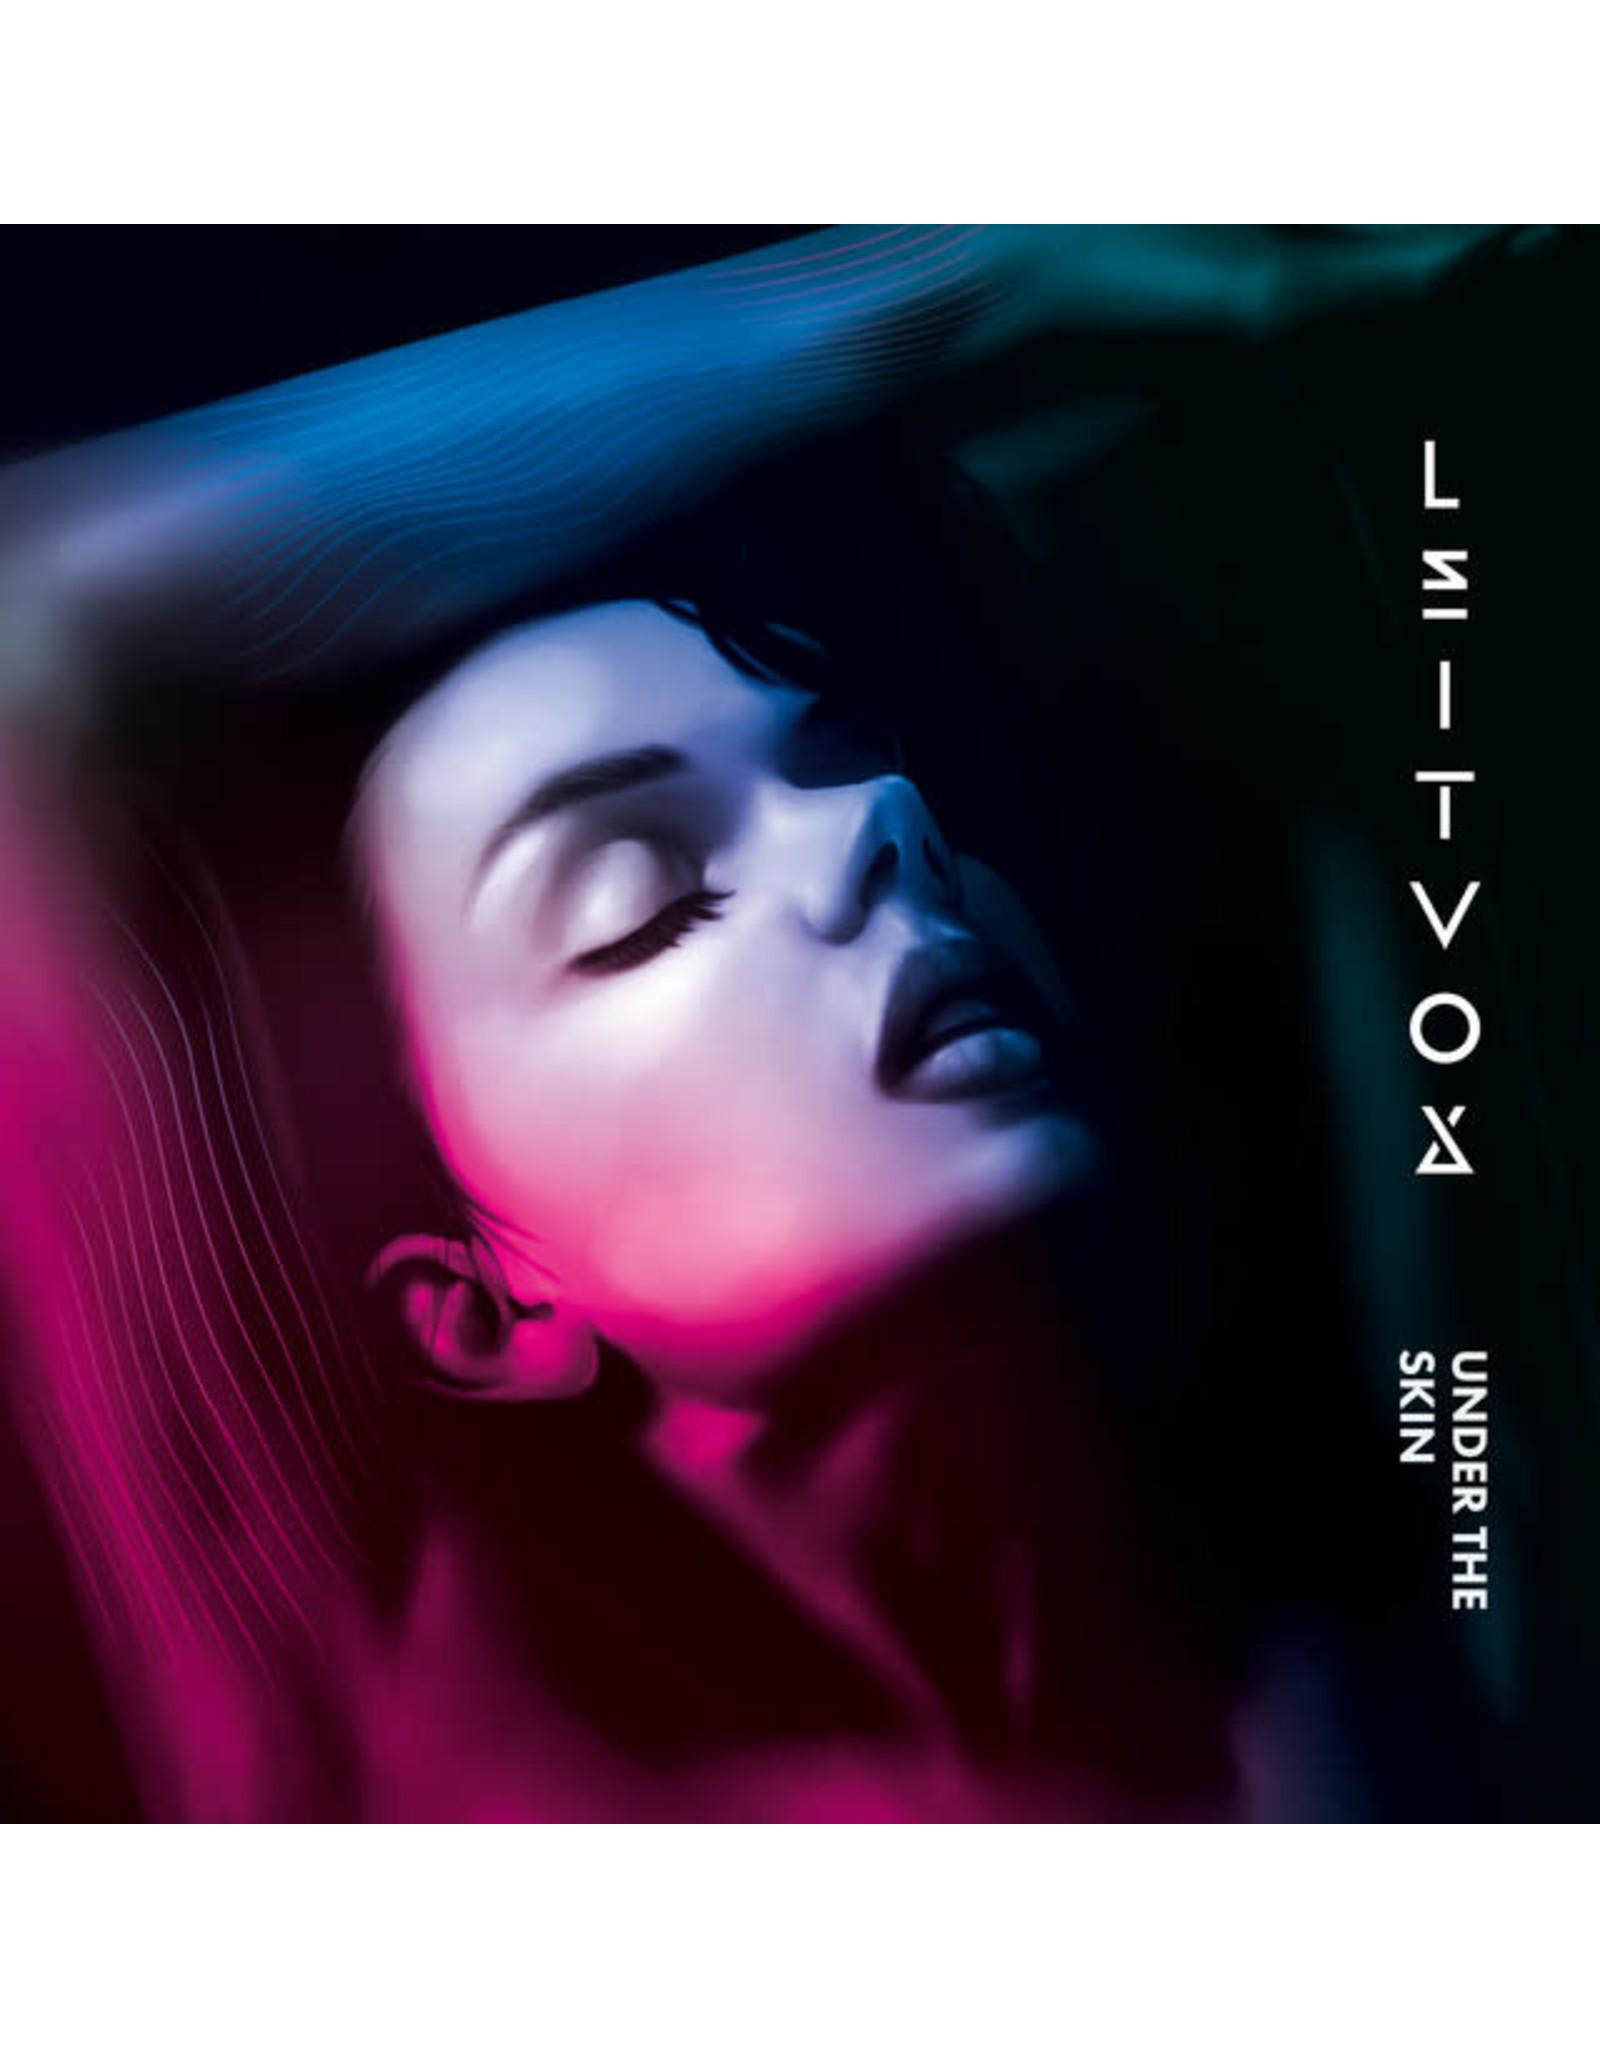 New Vinyl Leitvox - Under The Skin 2LP